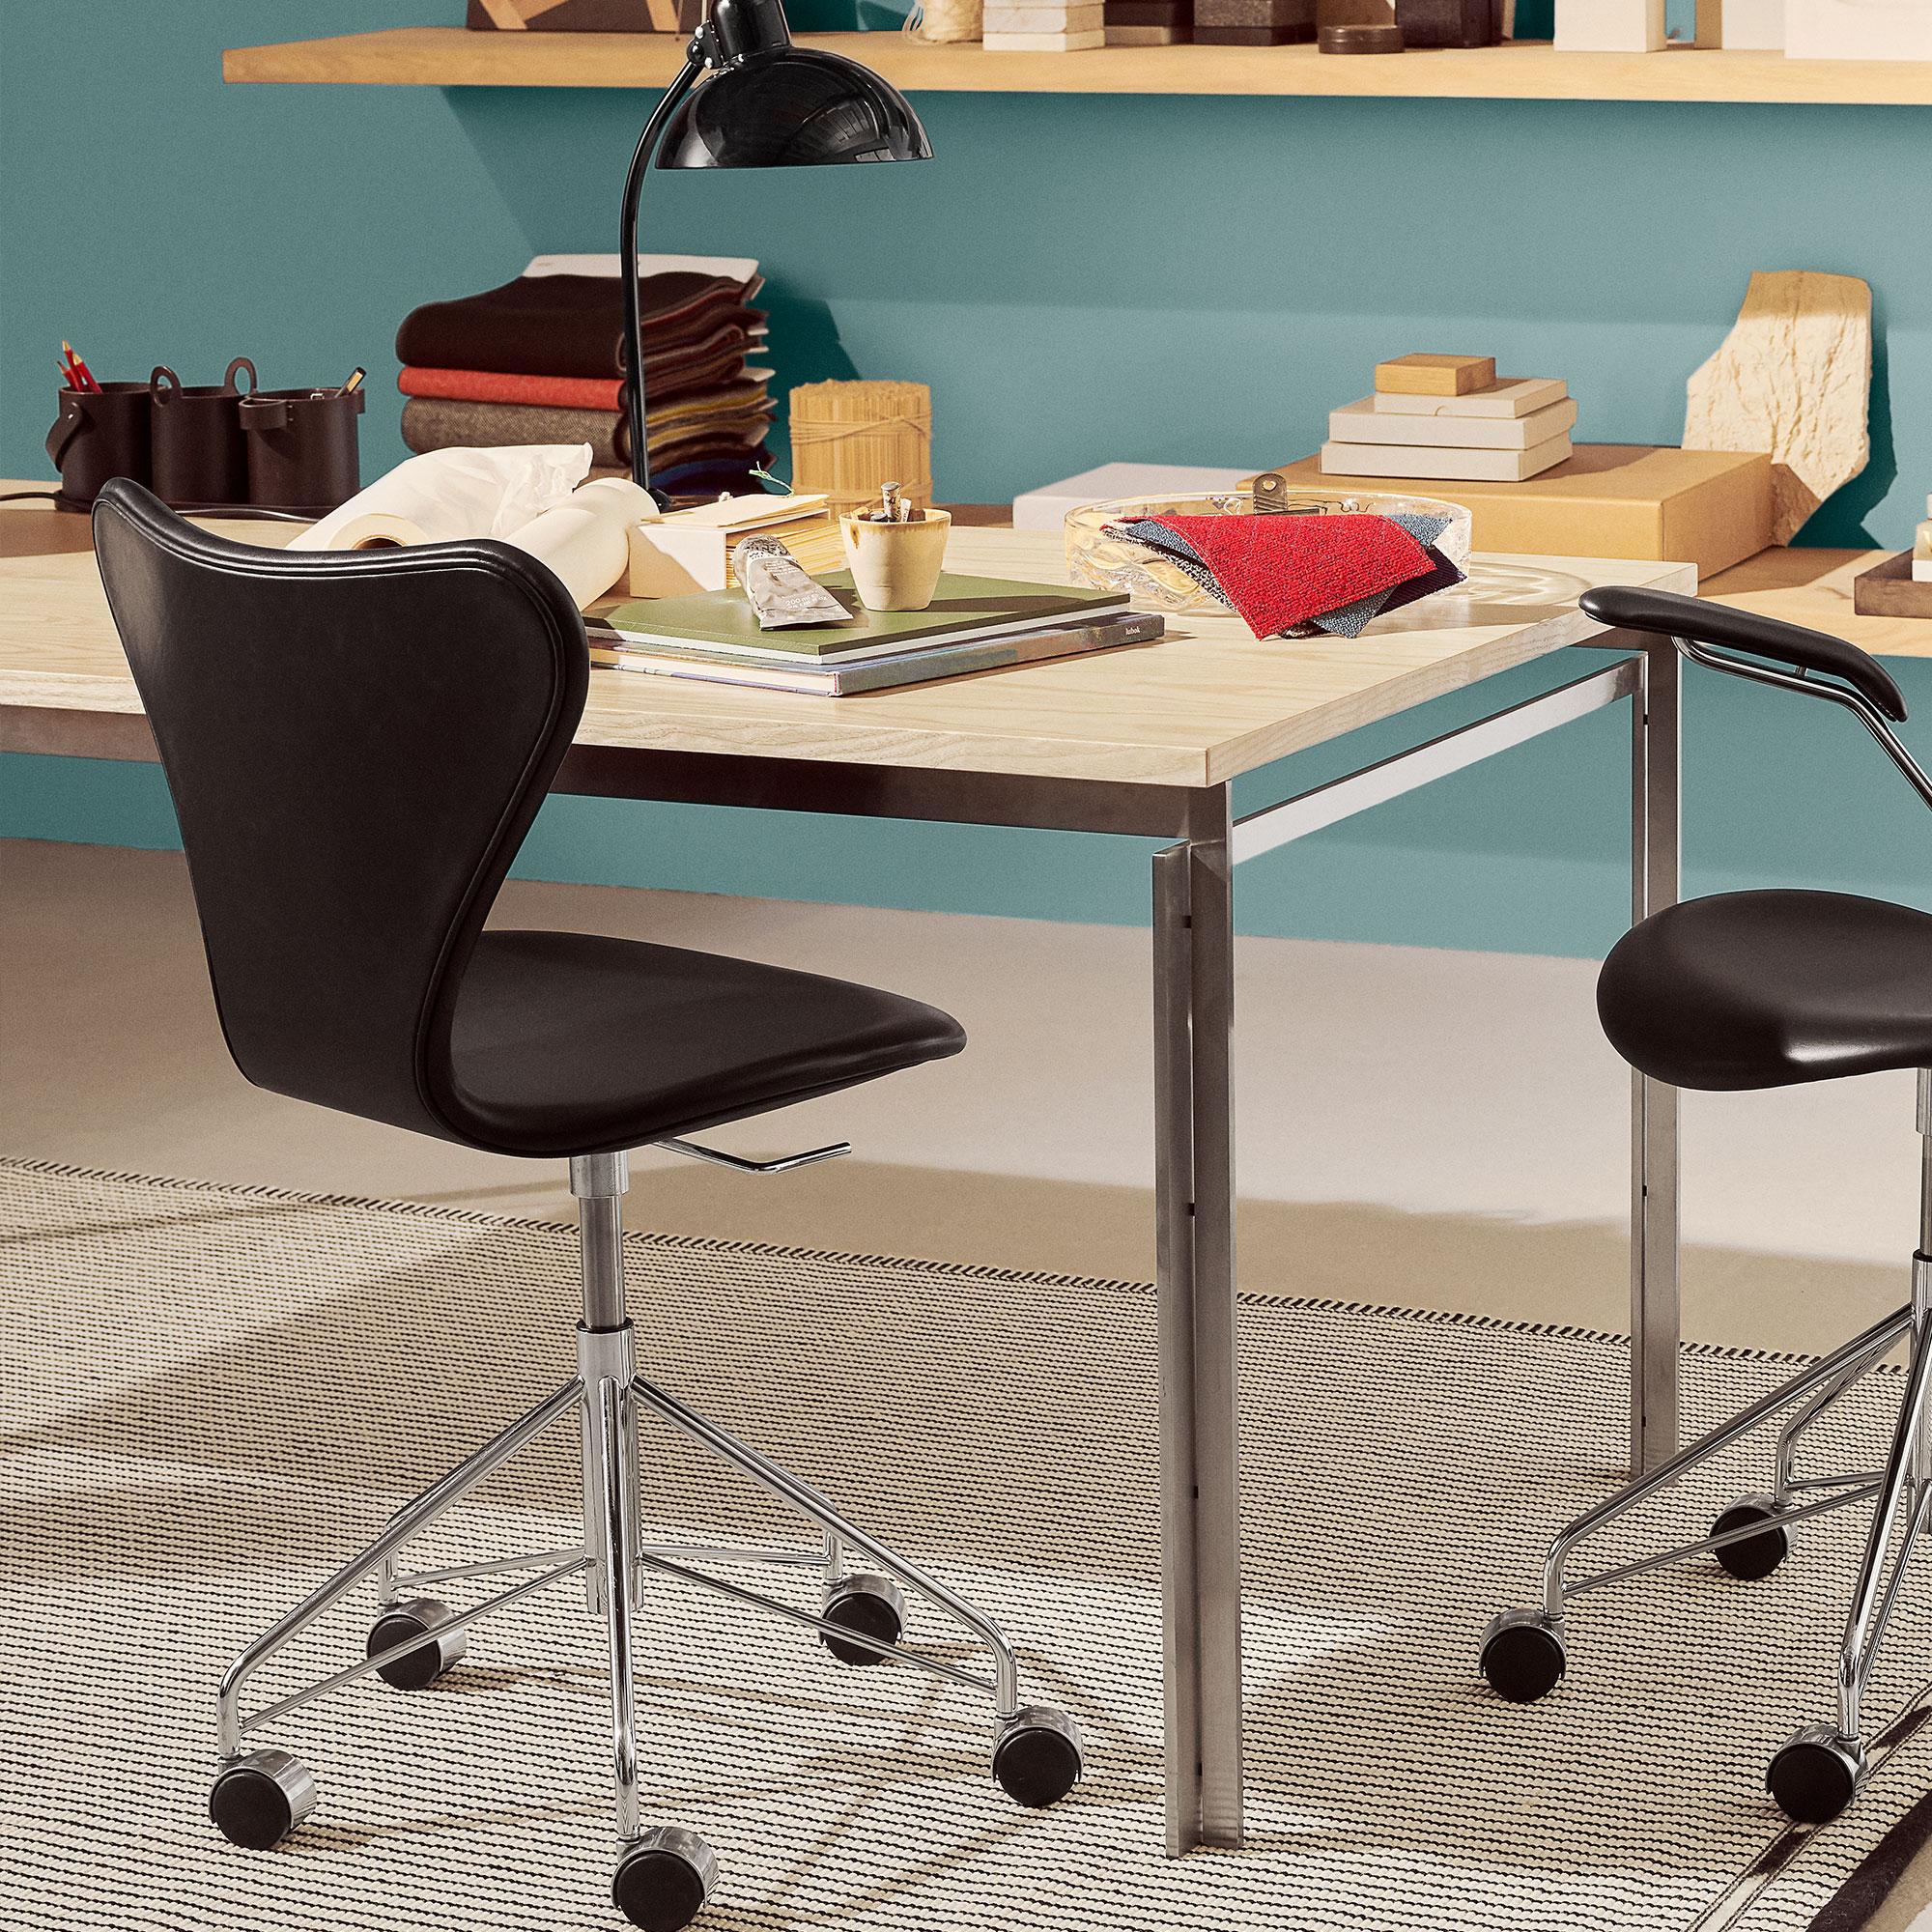 k p 3117 sjuan snurrstol helkl dd fr n fritz hansen. Black Bedroom Furniture Sets. Home Design Ideas